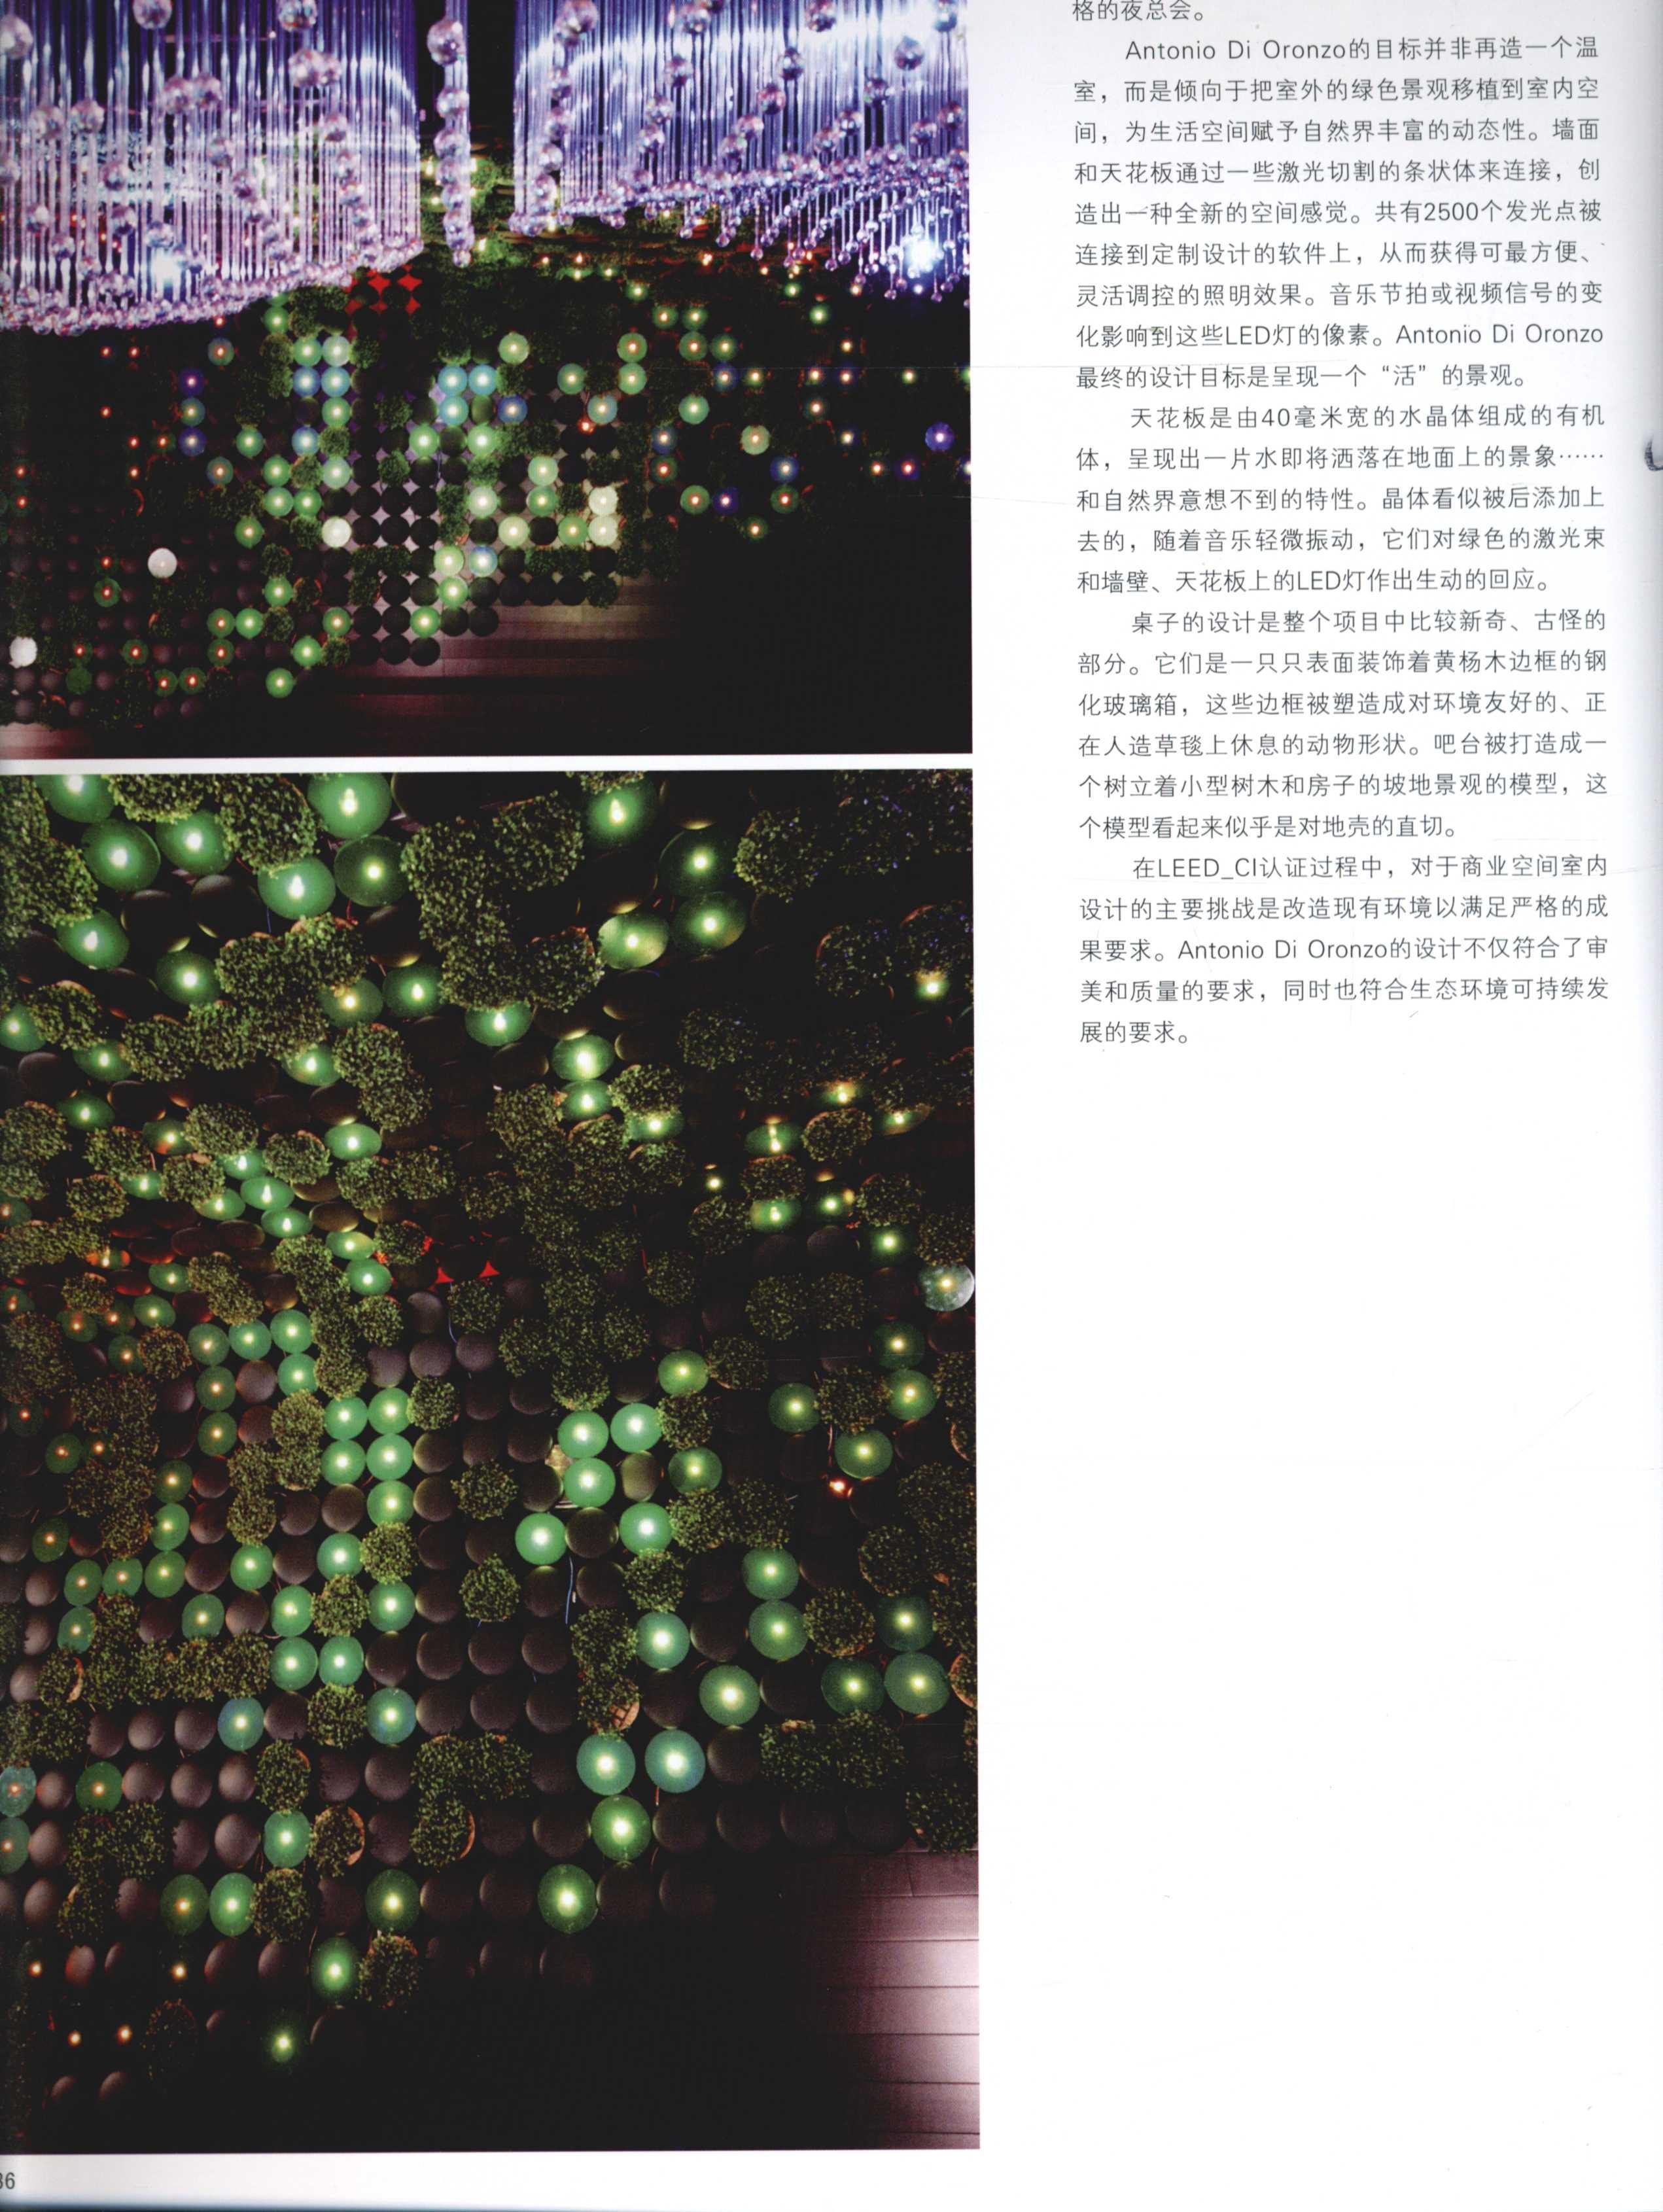 2012全球室内设计年鉴  餐饮_Page_034.jpg